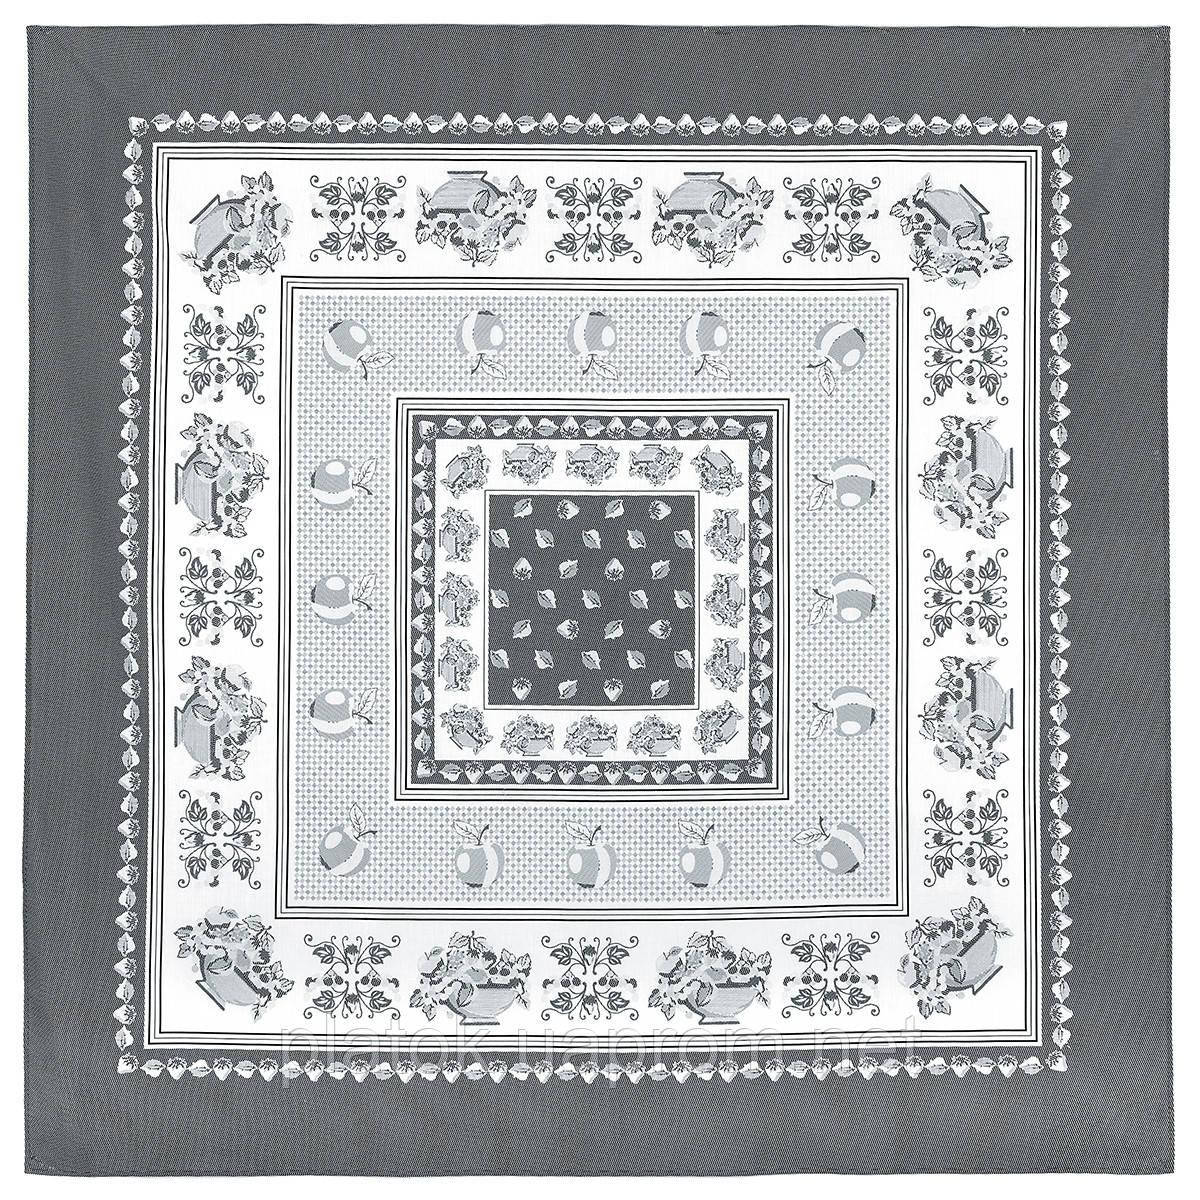 Нектар 720-1, павлопосадская скатерть хлопковая квадратная с подрубкой